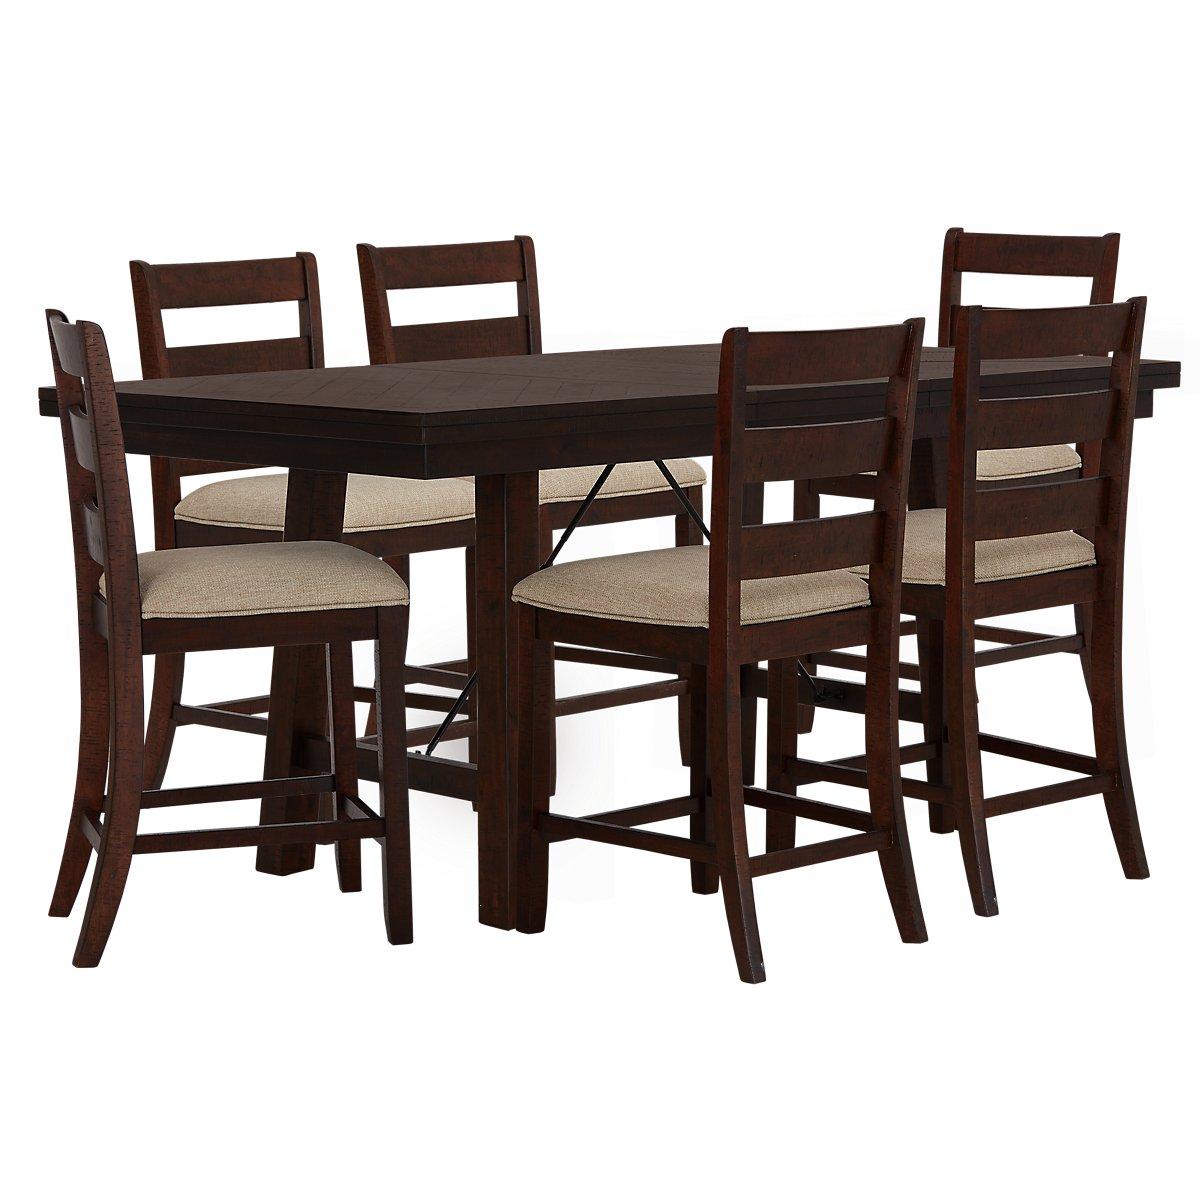 Jax Dark Tone High Table 4 Wood Barstools